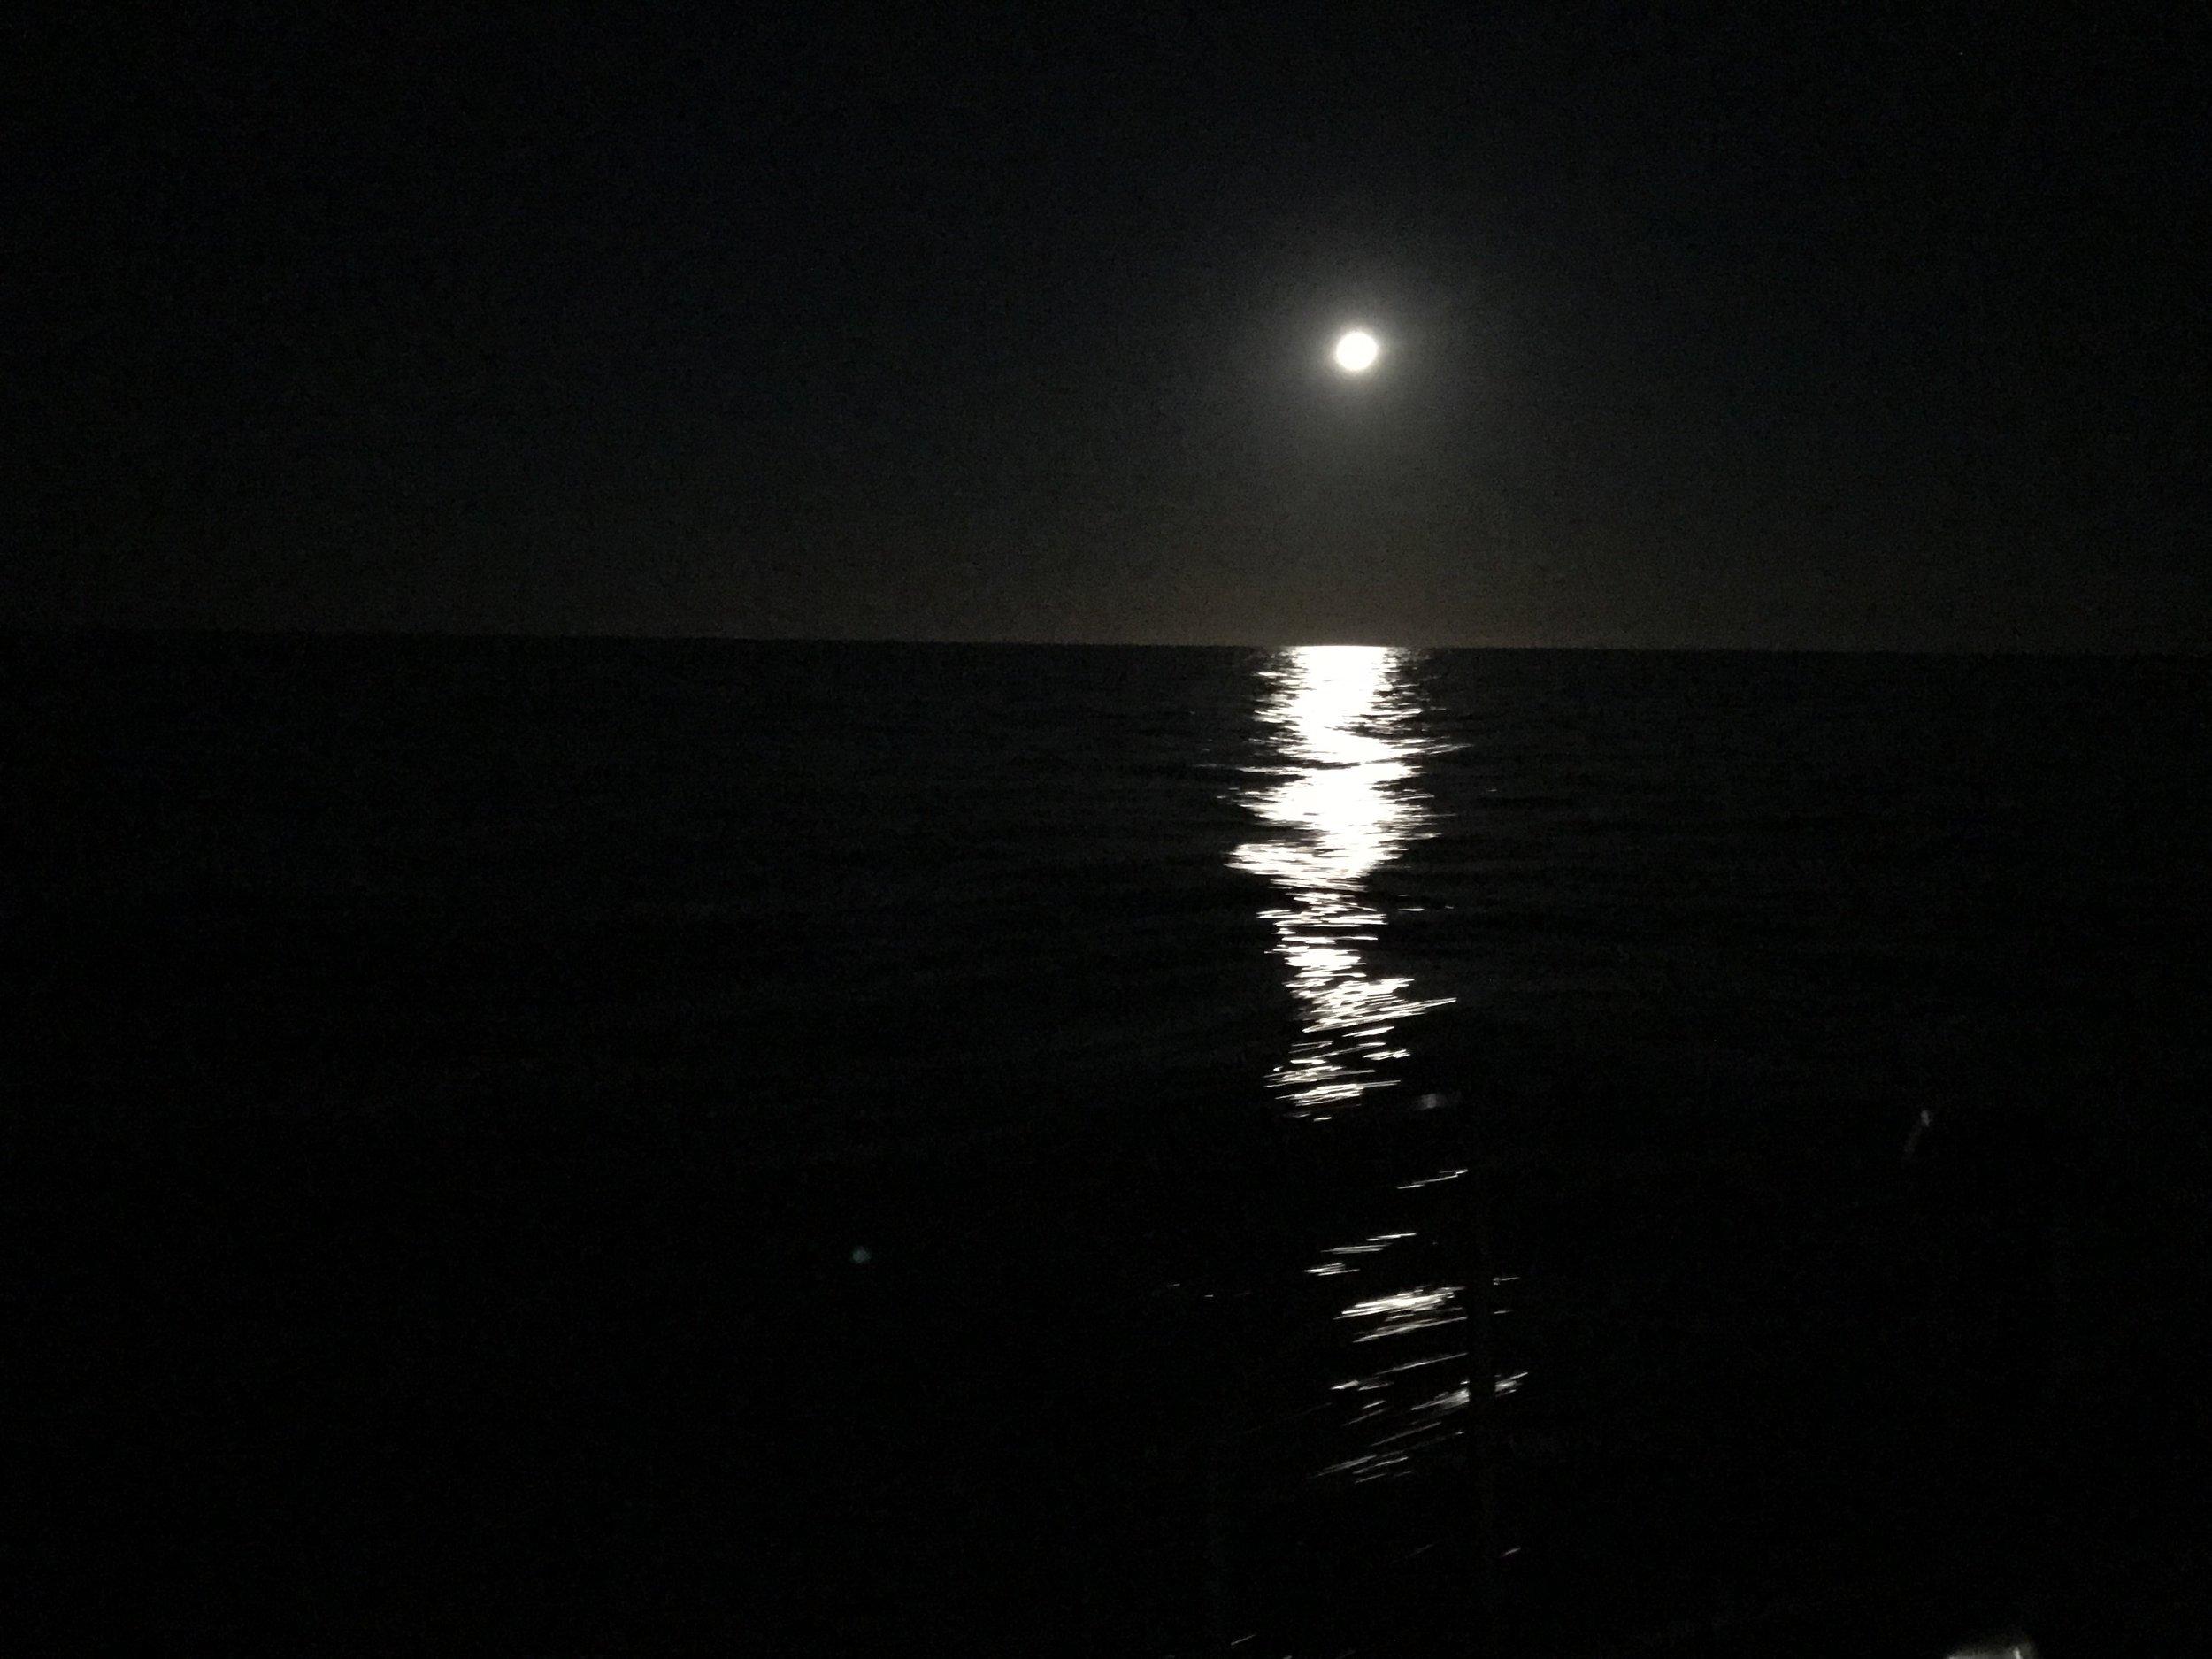 Night sailing on the Tasman Sea